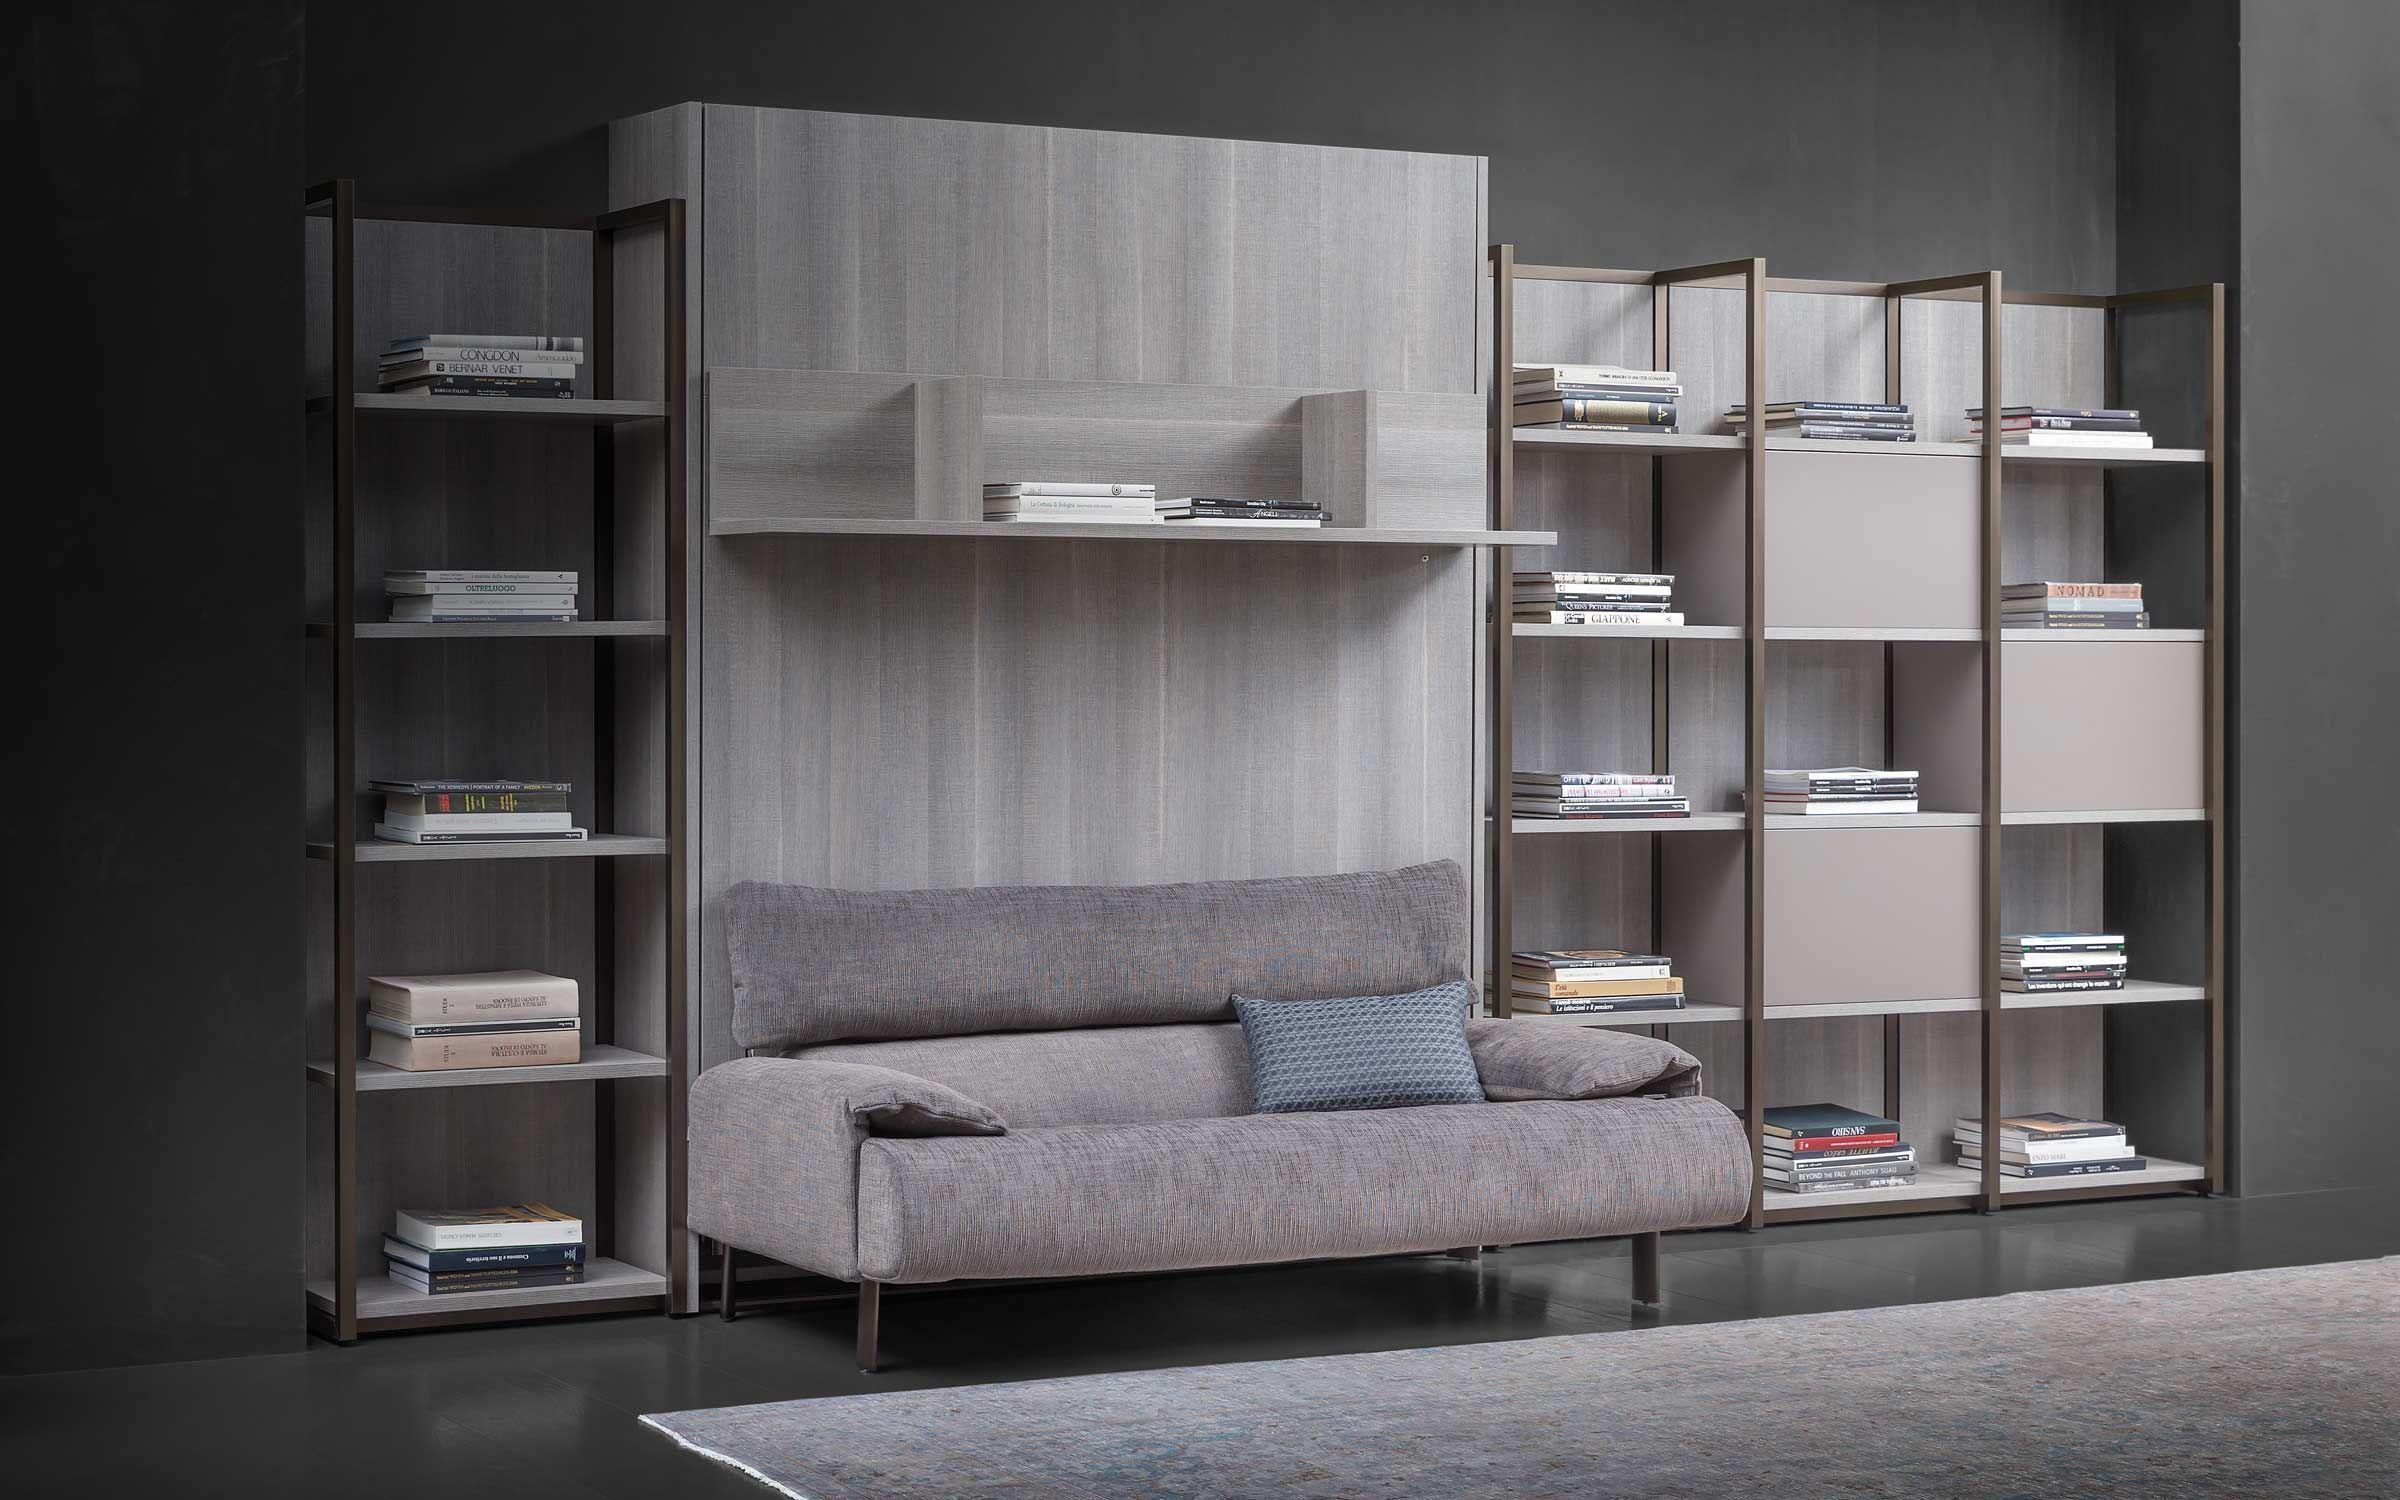 Mobile parete con letto a scomparsa e divano flou london bridge design giulio manzoni sistema for Parete con letto a scomparsa